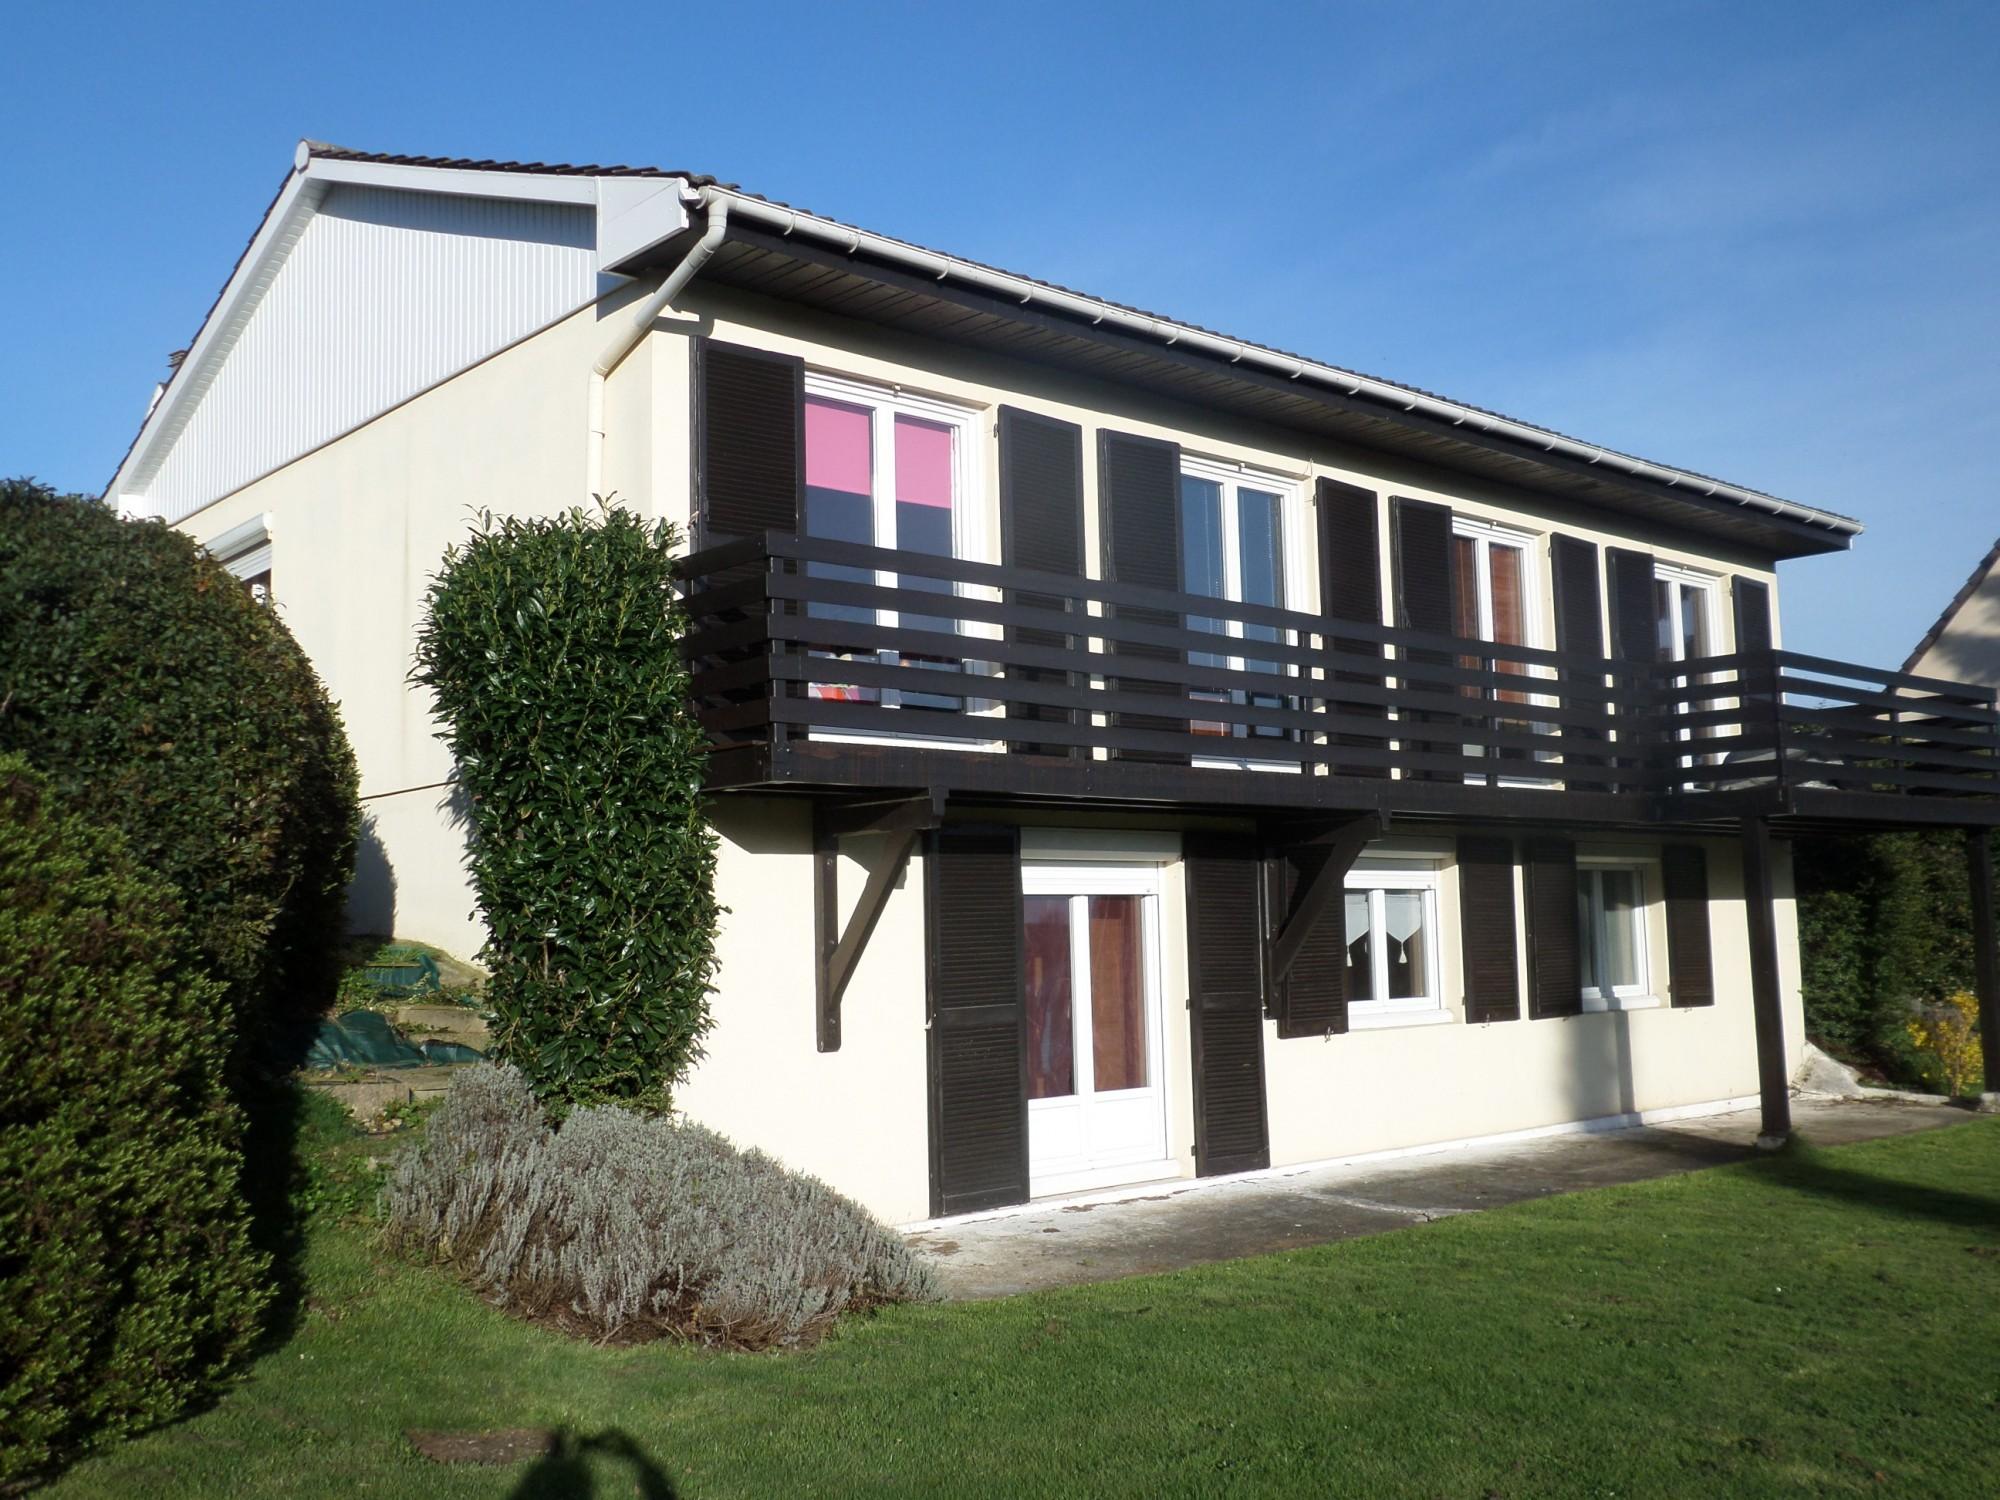 Ventes maison t8 f8 montivilliers 160m habitable achat et for Location garage montivilliers